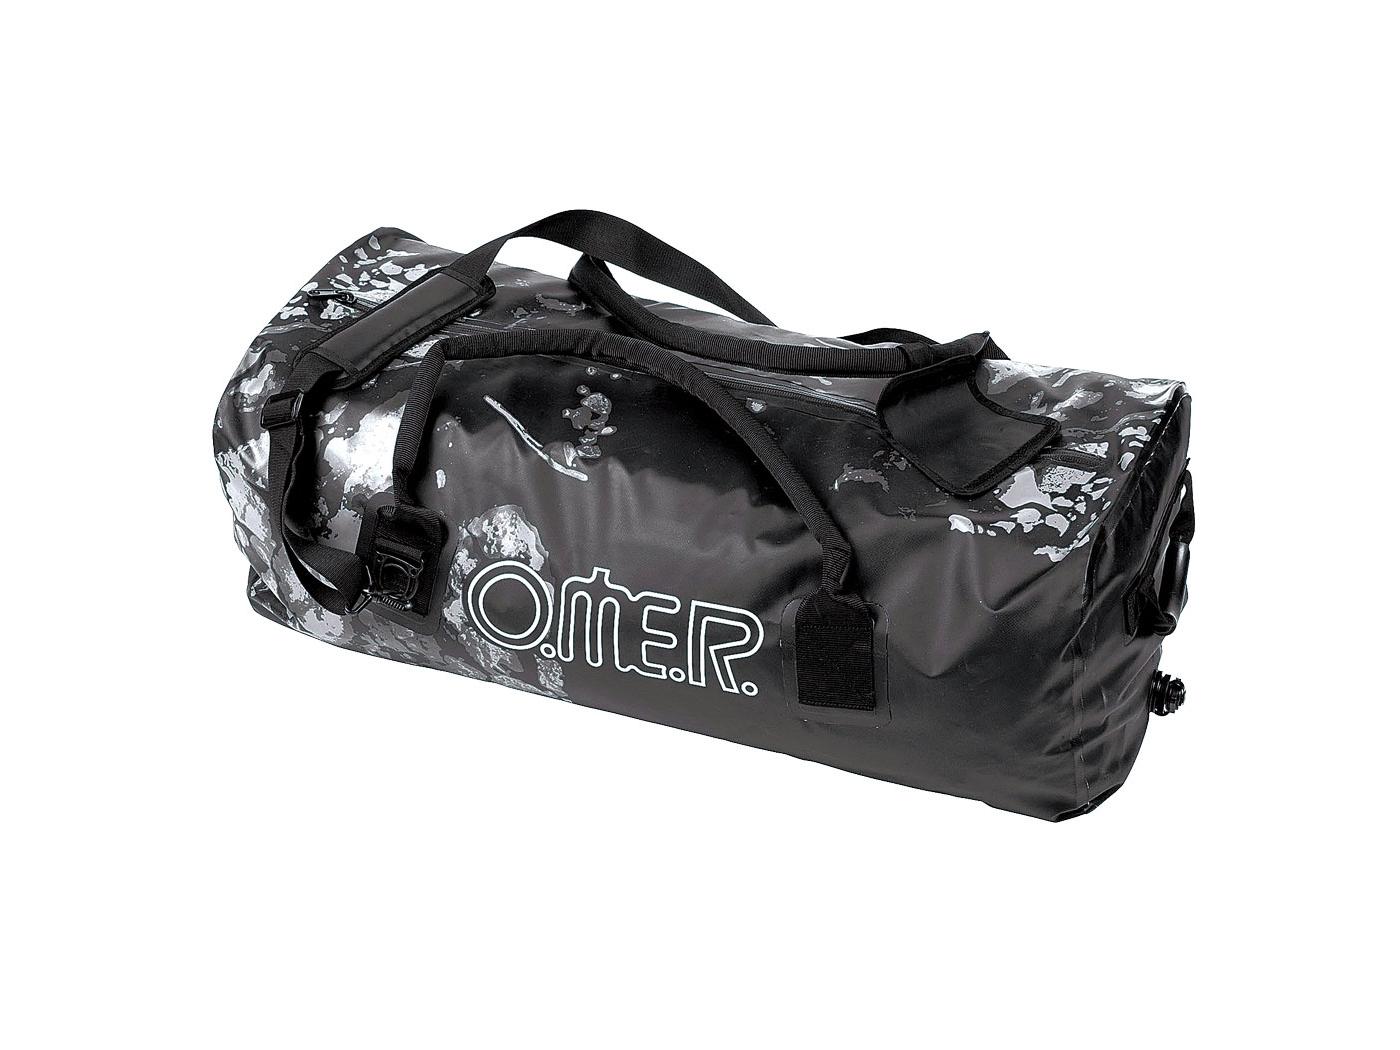 OMER MONSTER BAG (オマー モンスターバッグ)